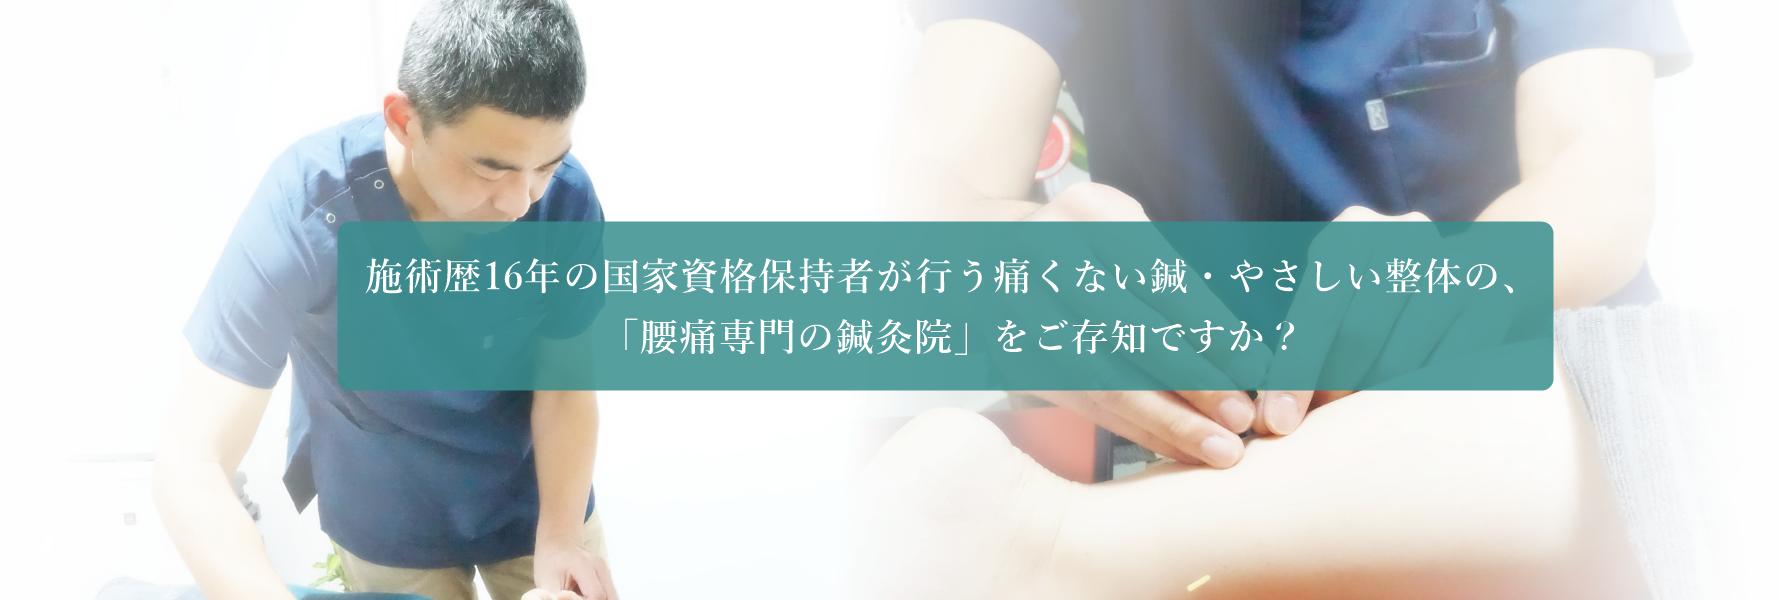 施術歴17年の国家資格保持者が行う痛くない鍼・やさしい整体の、「腰痛専門の鍼灸院」をご存知ですか?